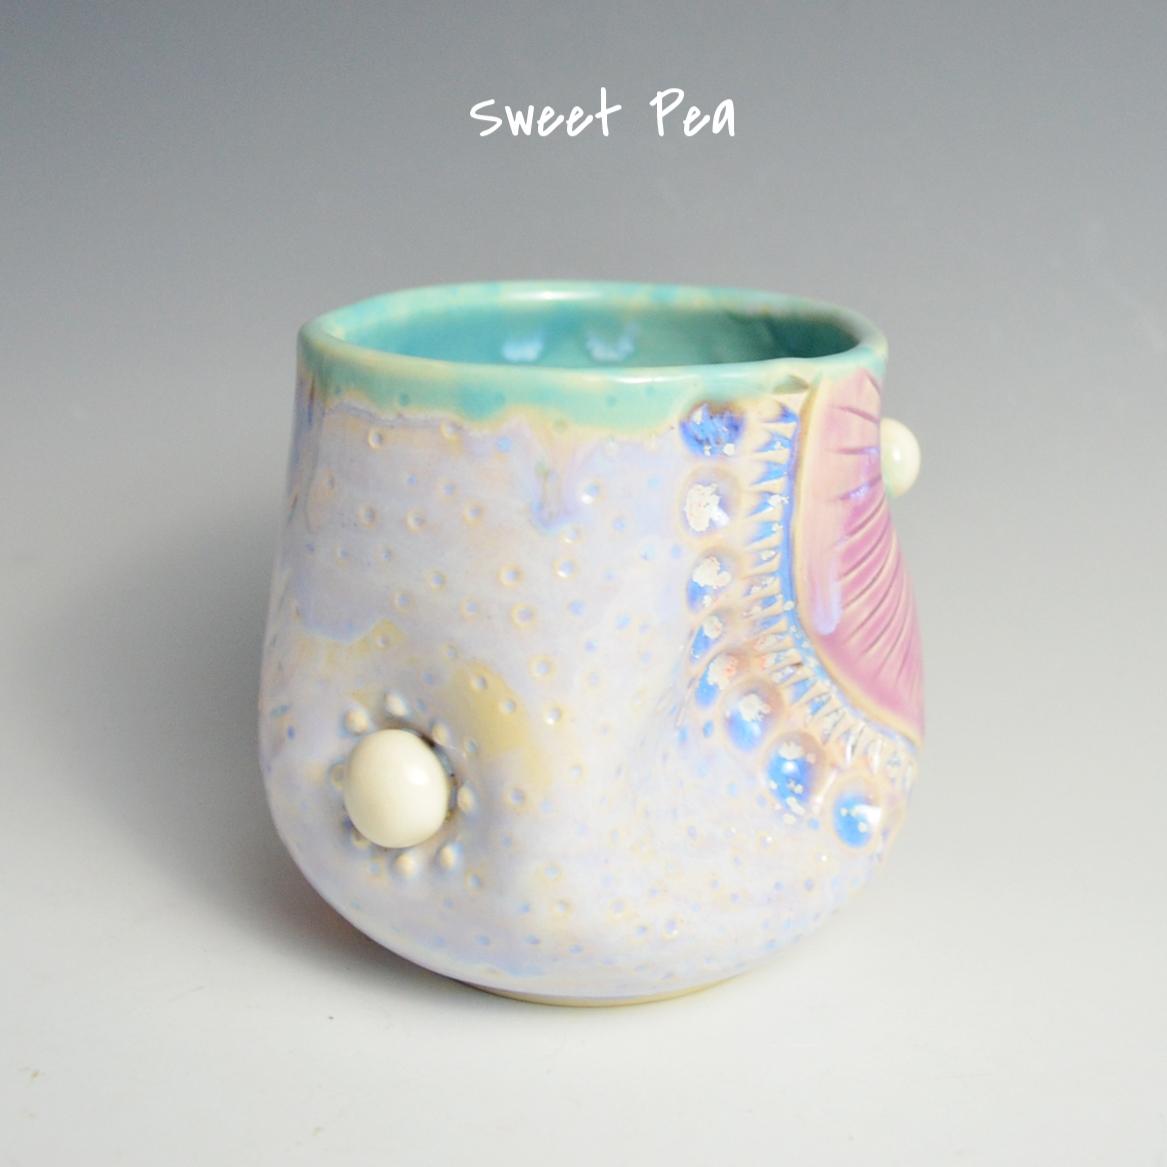 2669 - Sweet Pea.JPG